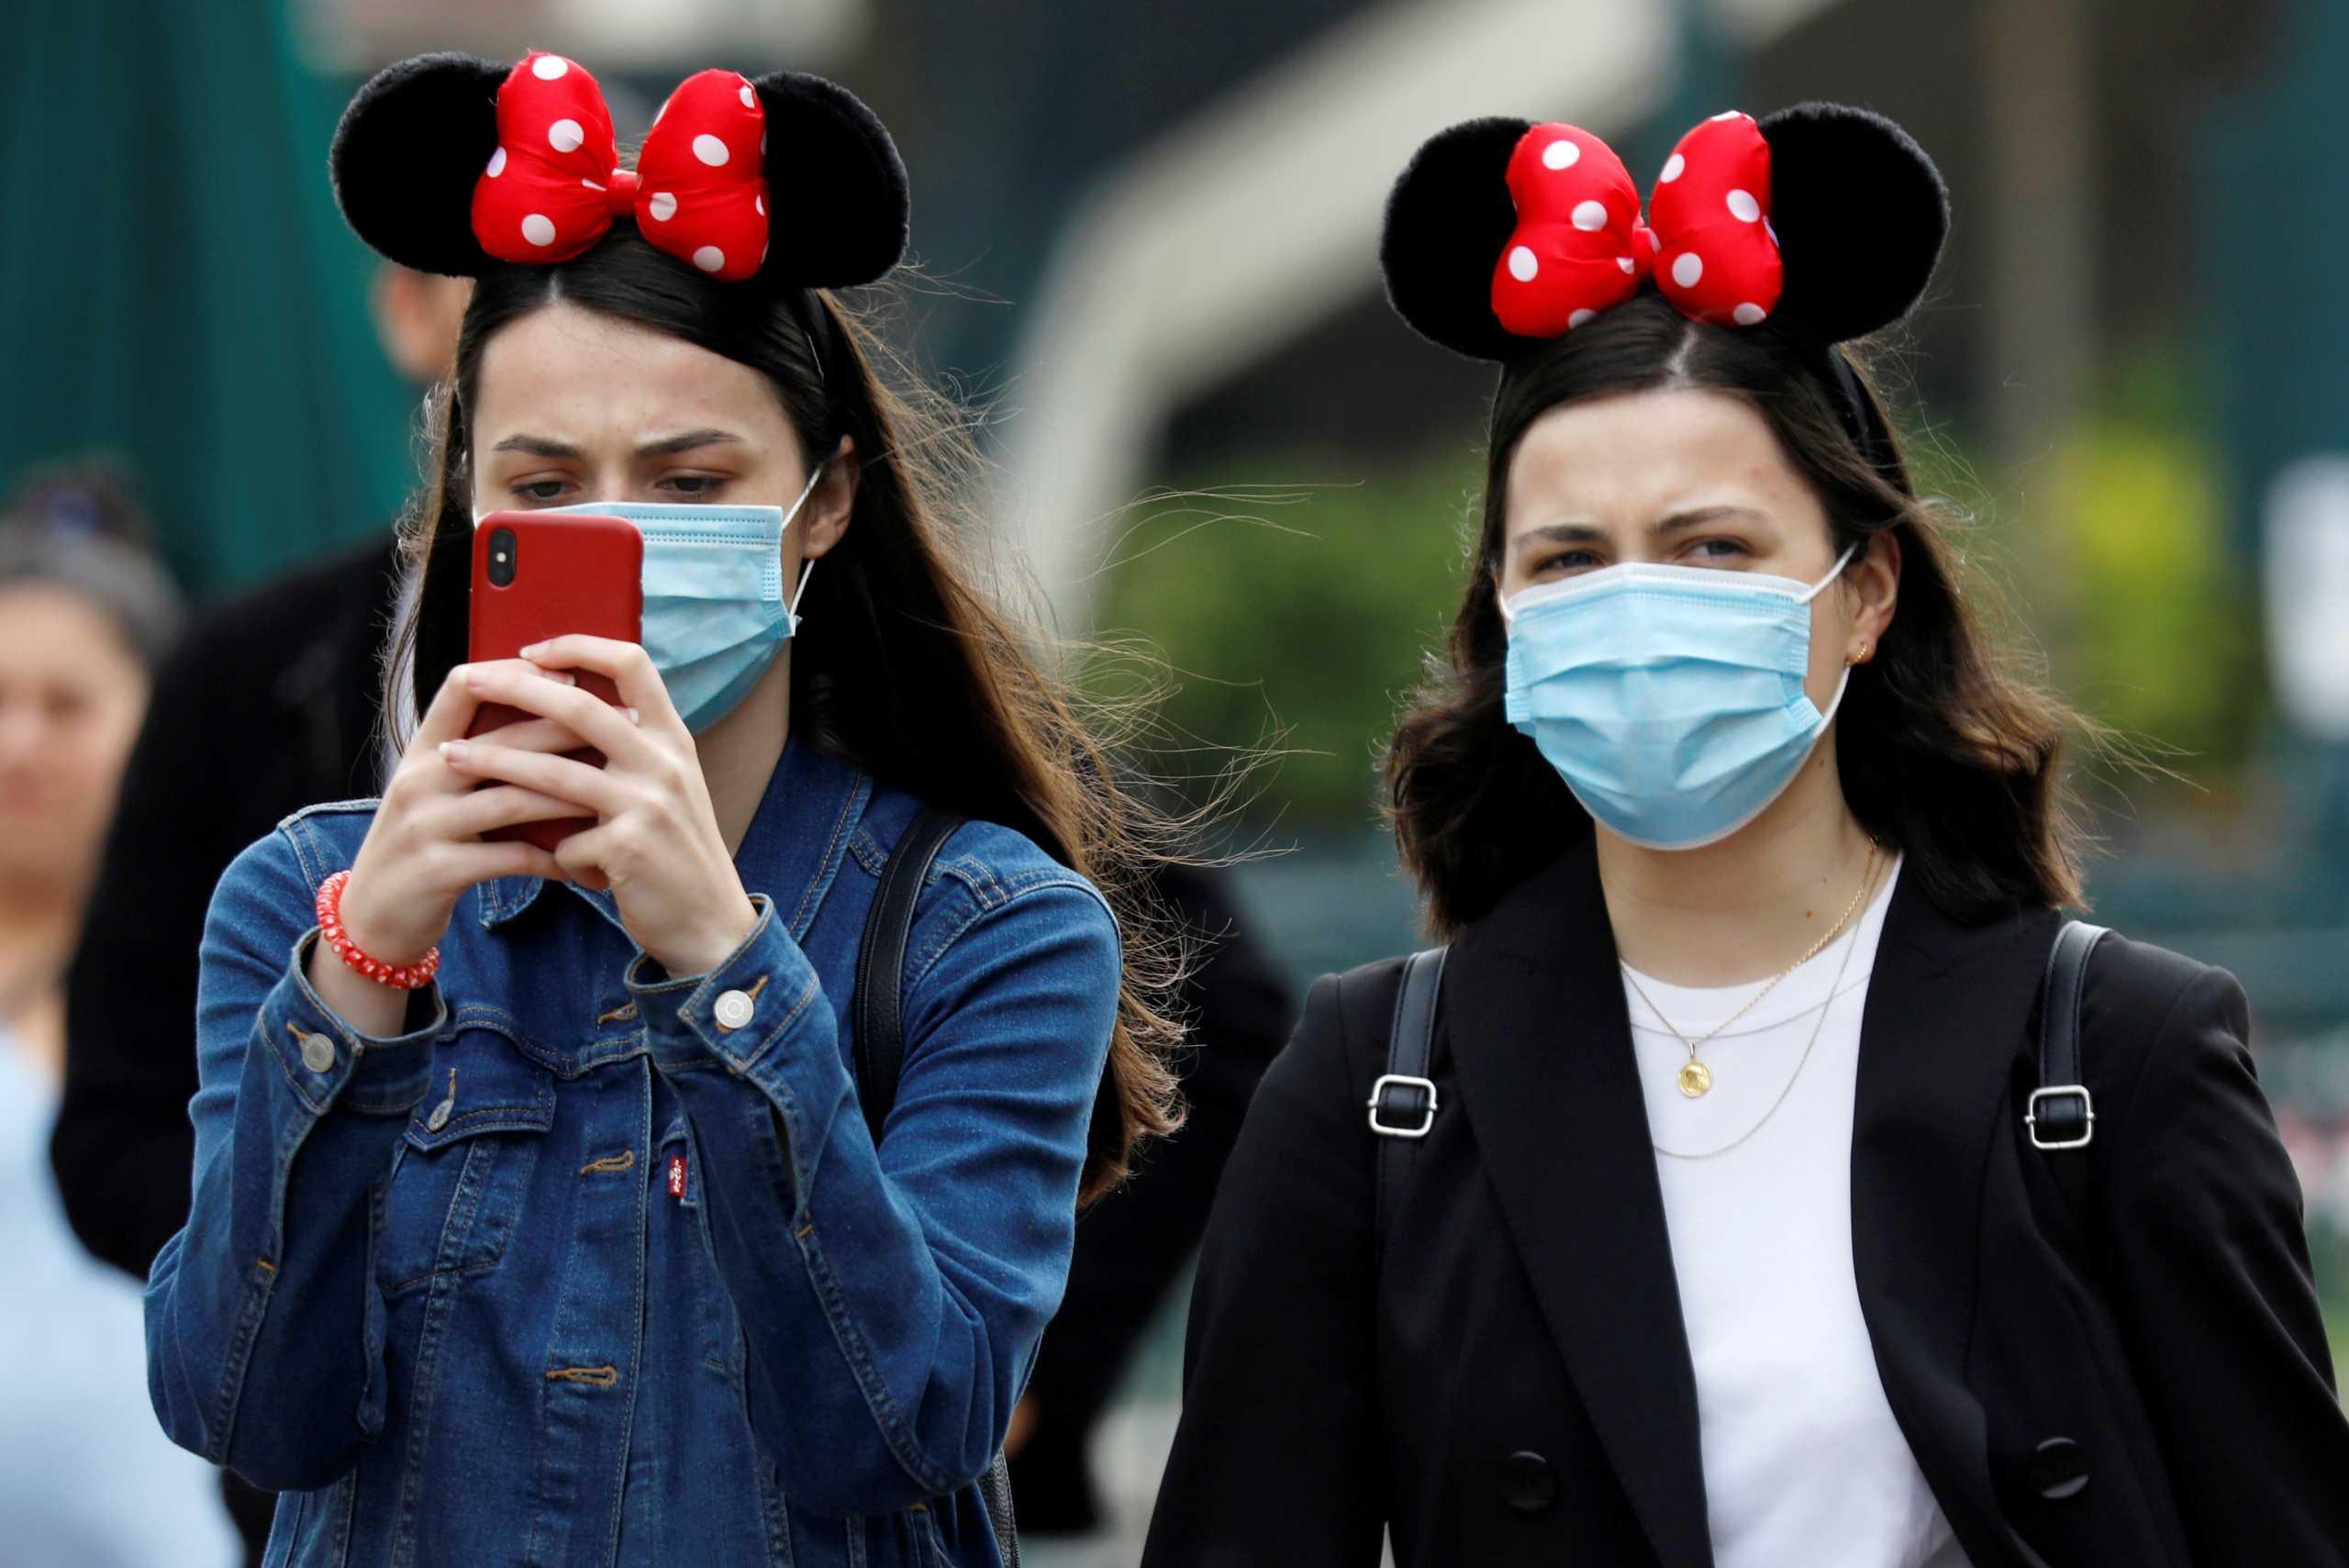 Πότε θα πετάξουμε τις μάσκες – Γιατί θα το κρίνει το ποσοστό εμβολιασμών – Σχέδιο και στην χώρα μας